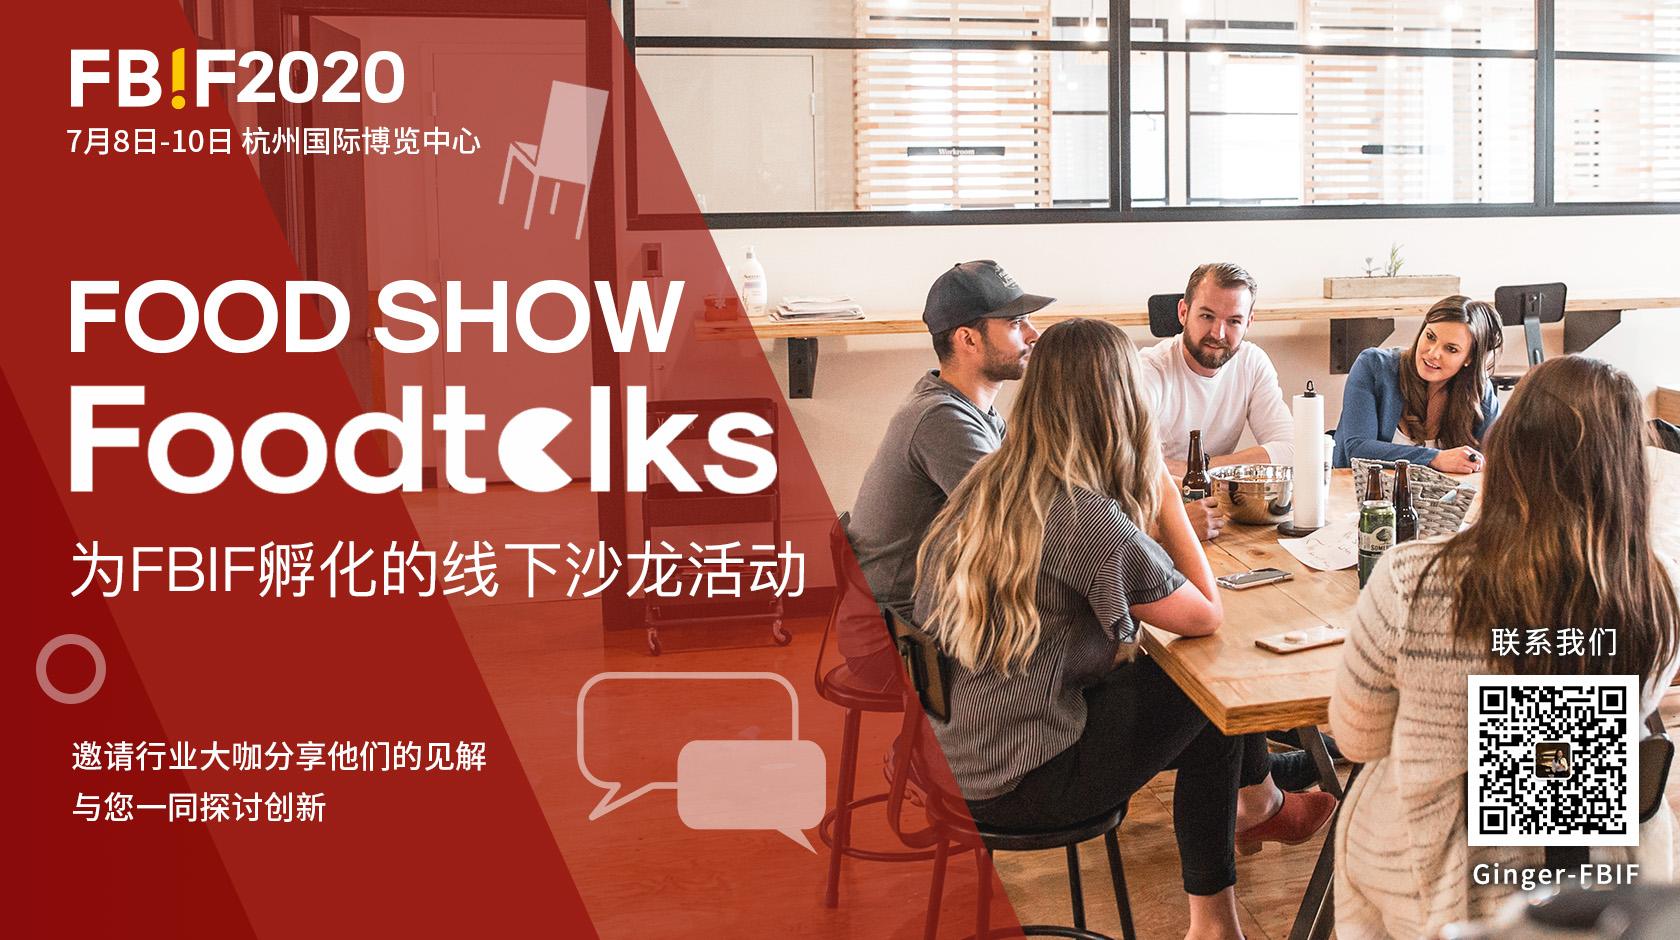 2. foodshow-talks.jpg